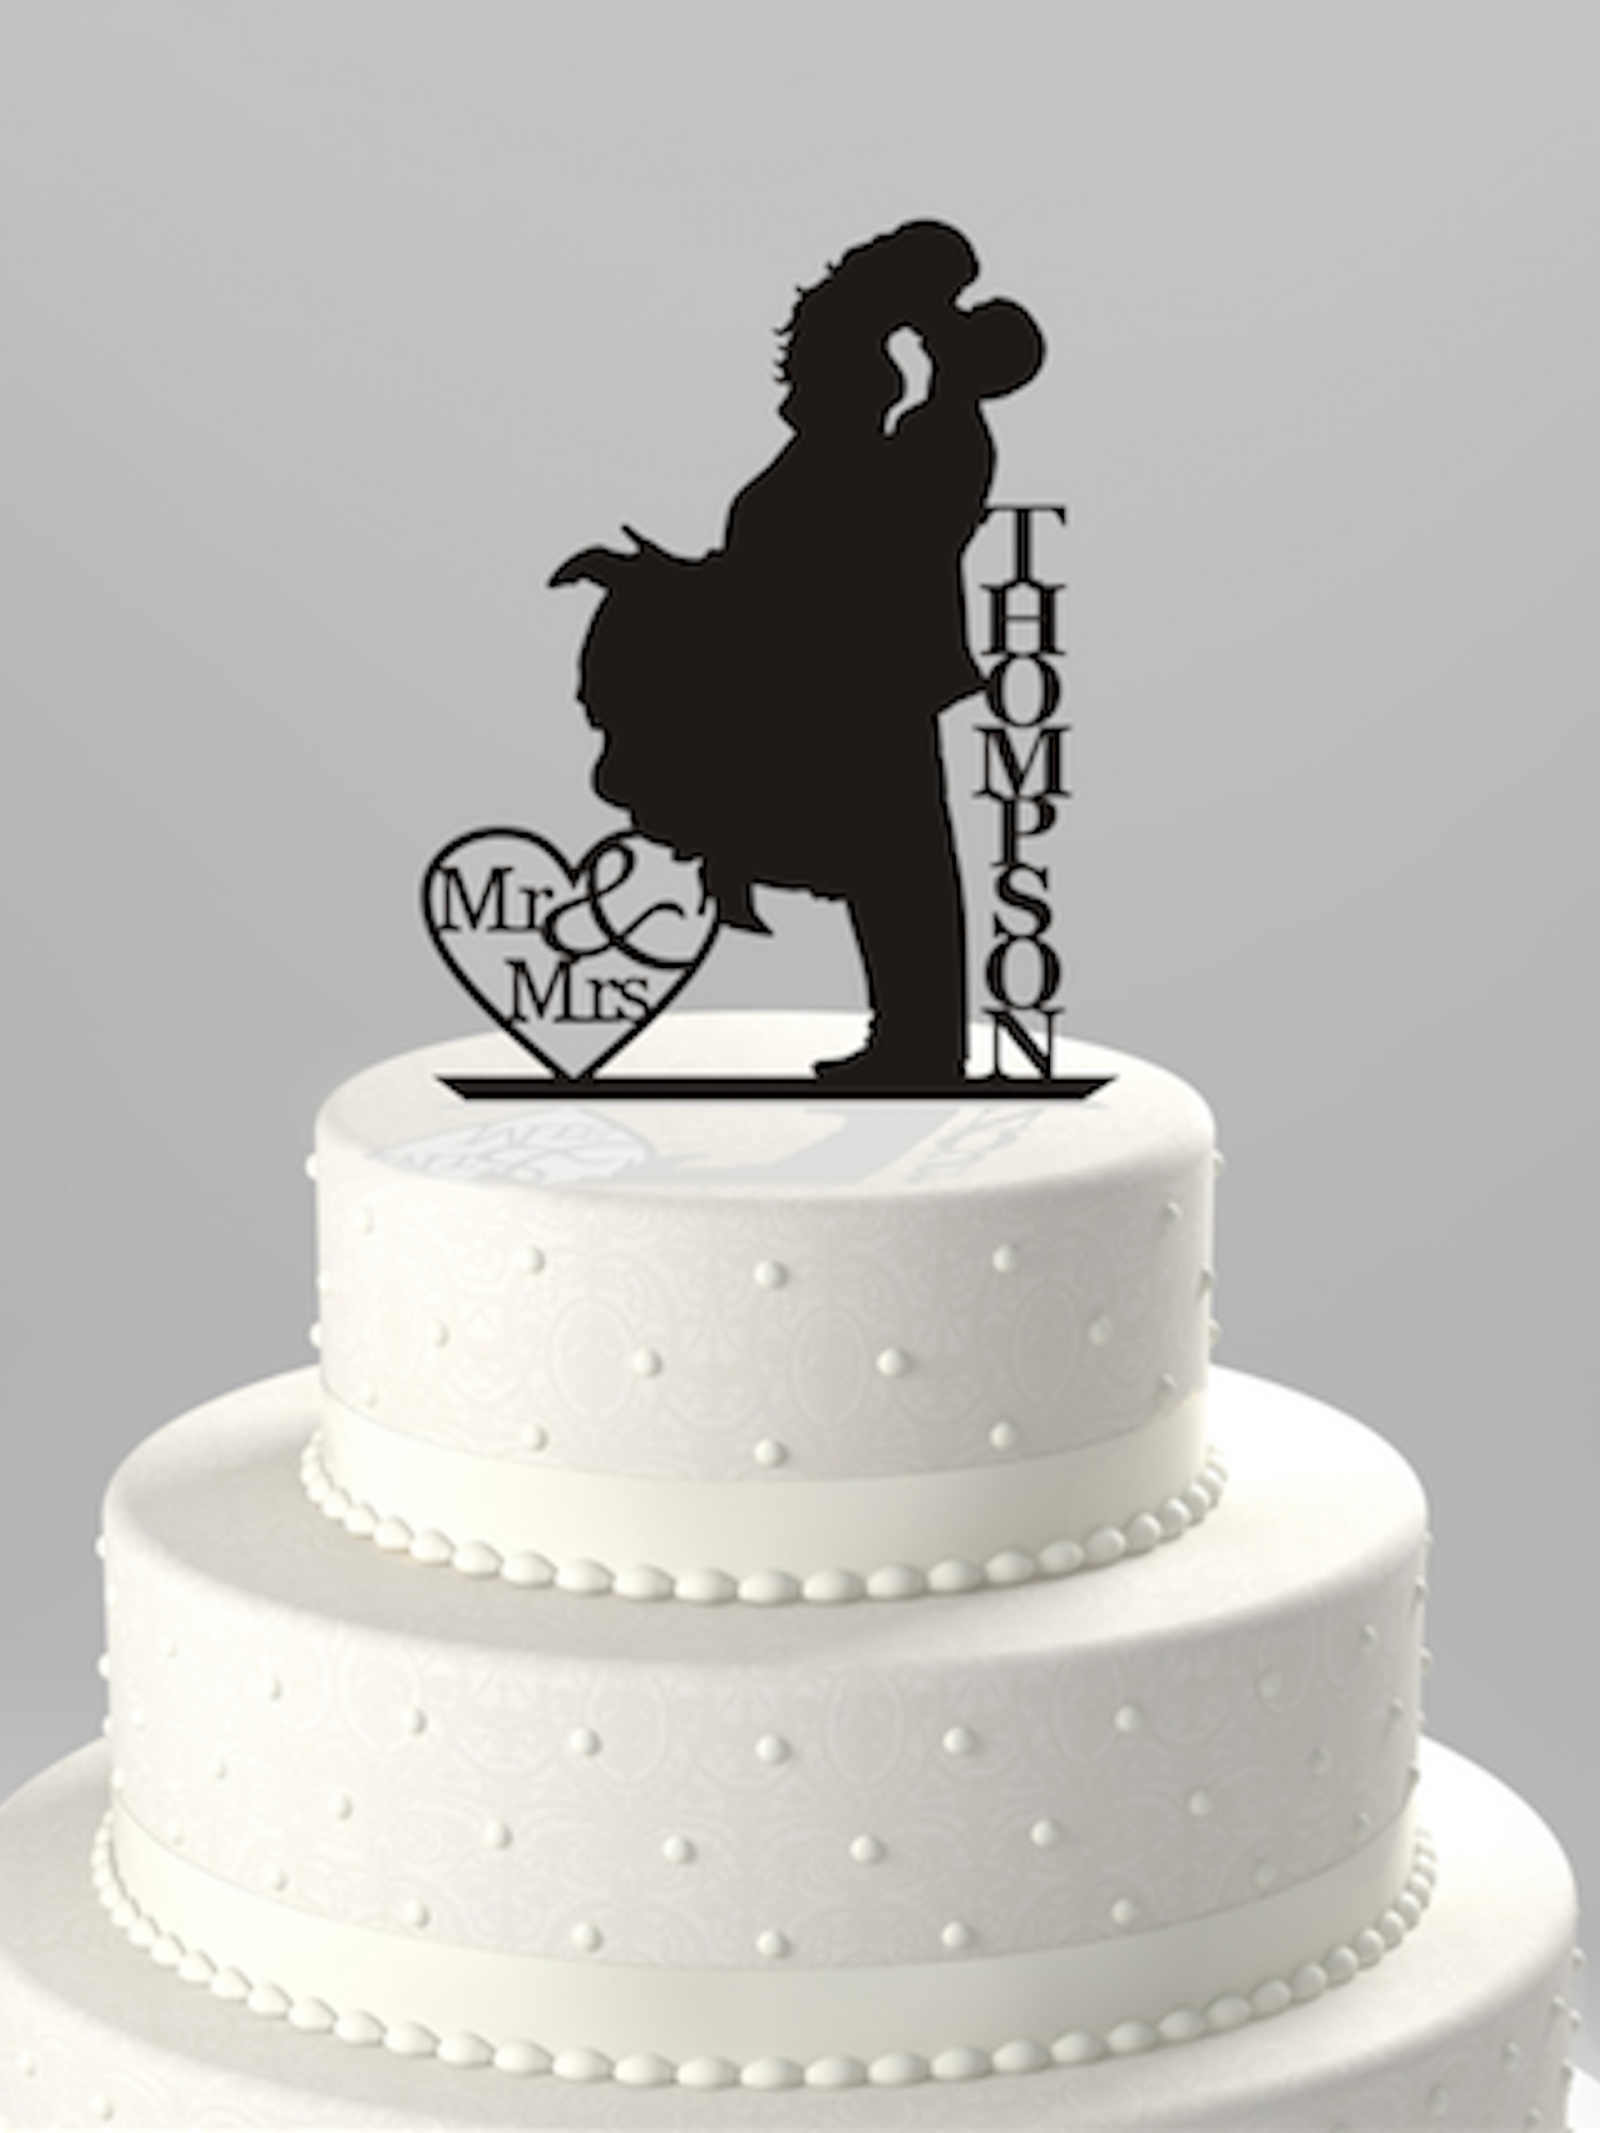 Conosciuto Cake topper: nuove idee e decorazioni per la torta nuziale UI88